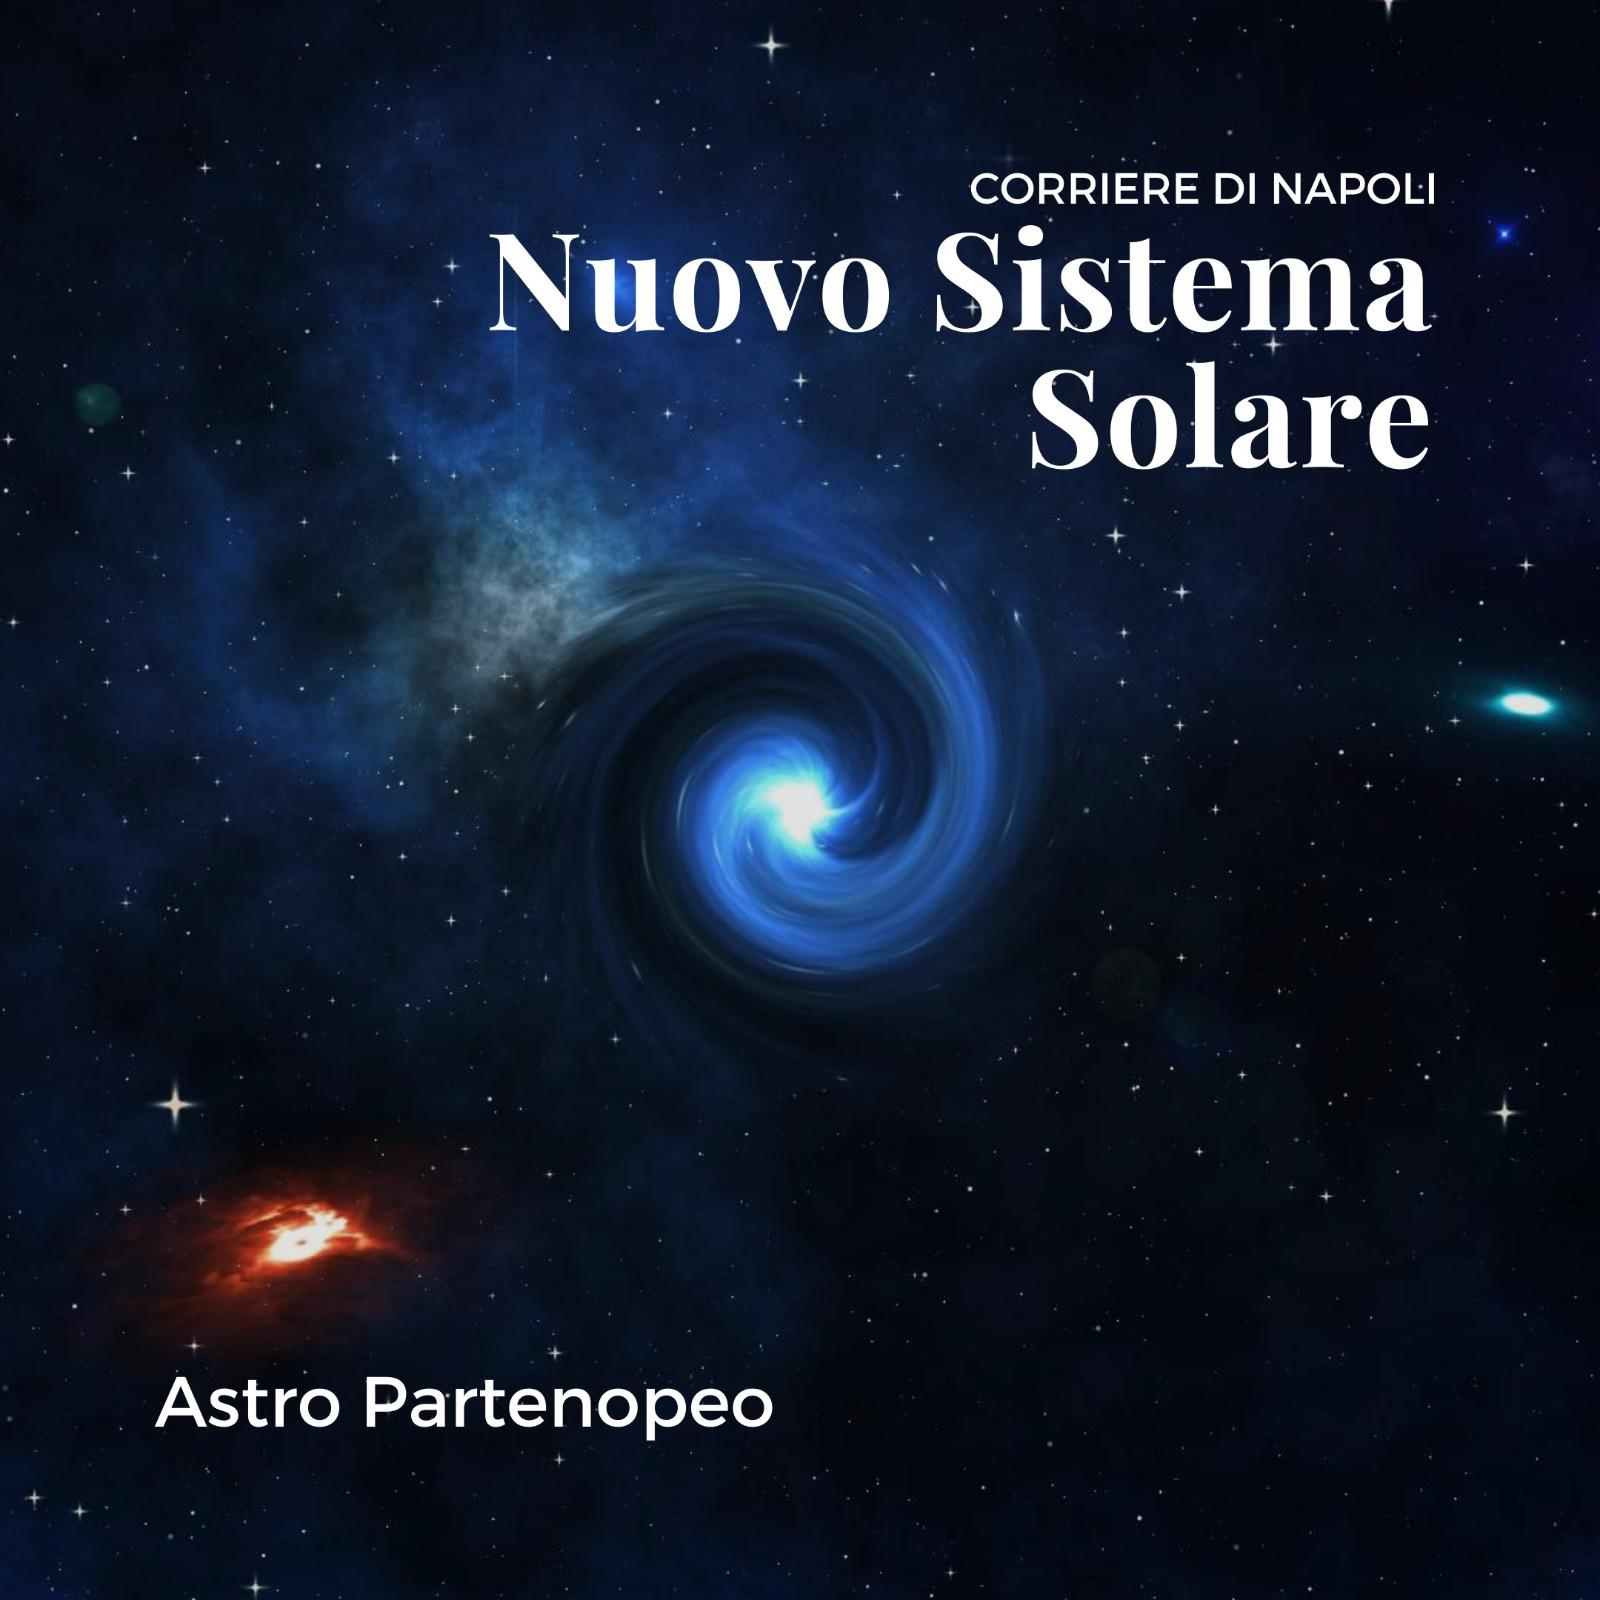 #astropartenopeo: Nuovo Sistema Solare